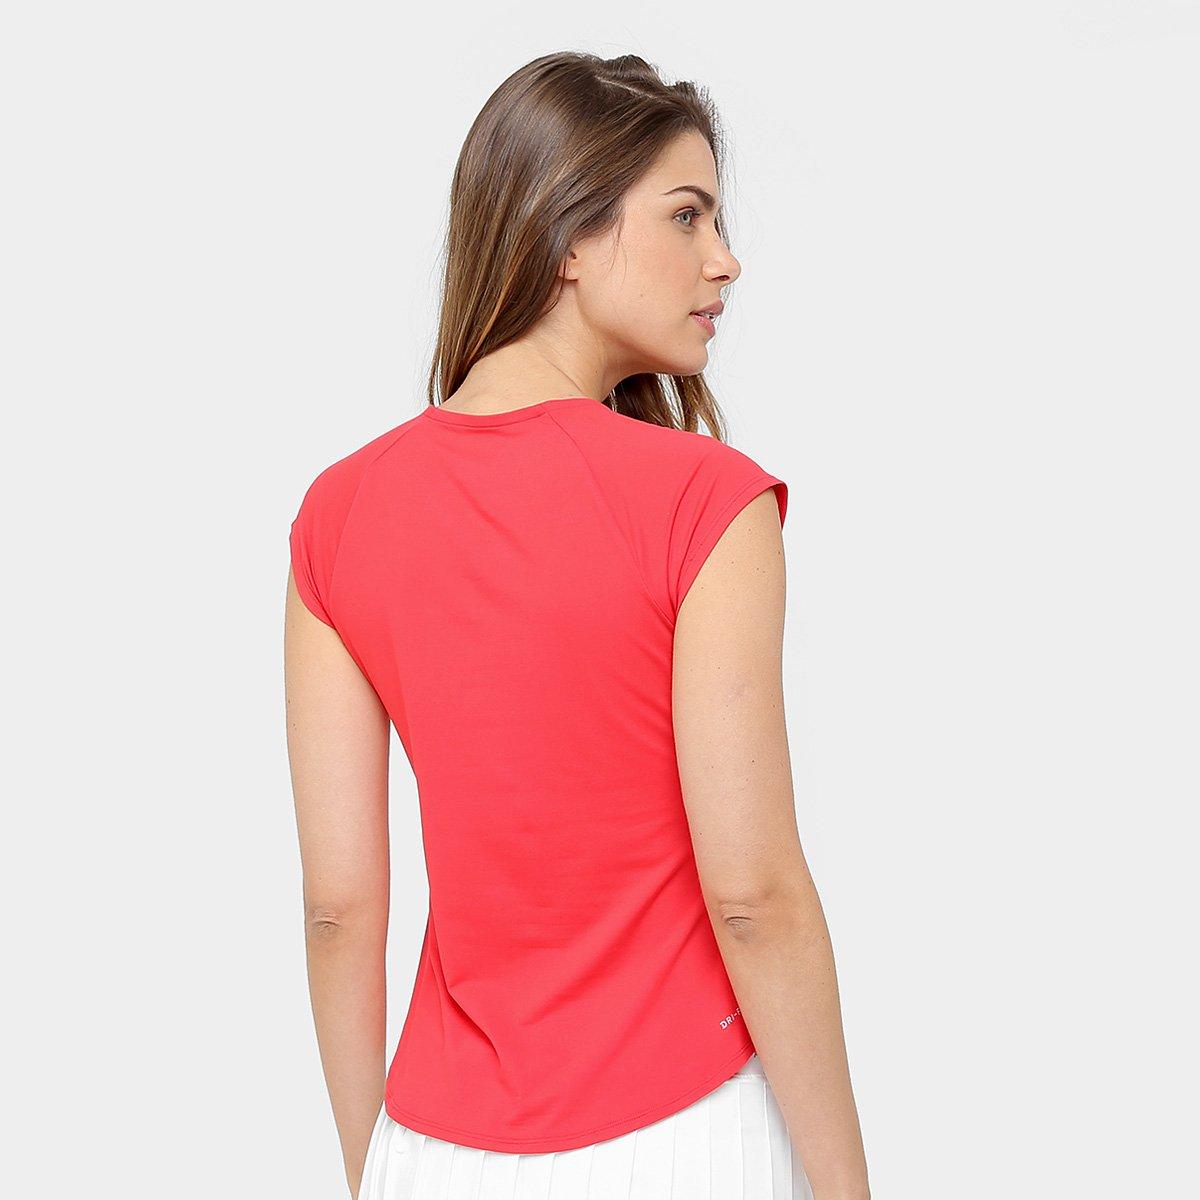 Camiseta Nike Pure Feminina - Vermelho e Branco - Compre Agora ... 0fe12d56e5d43